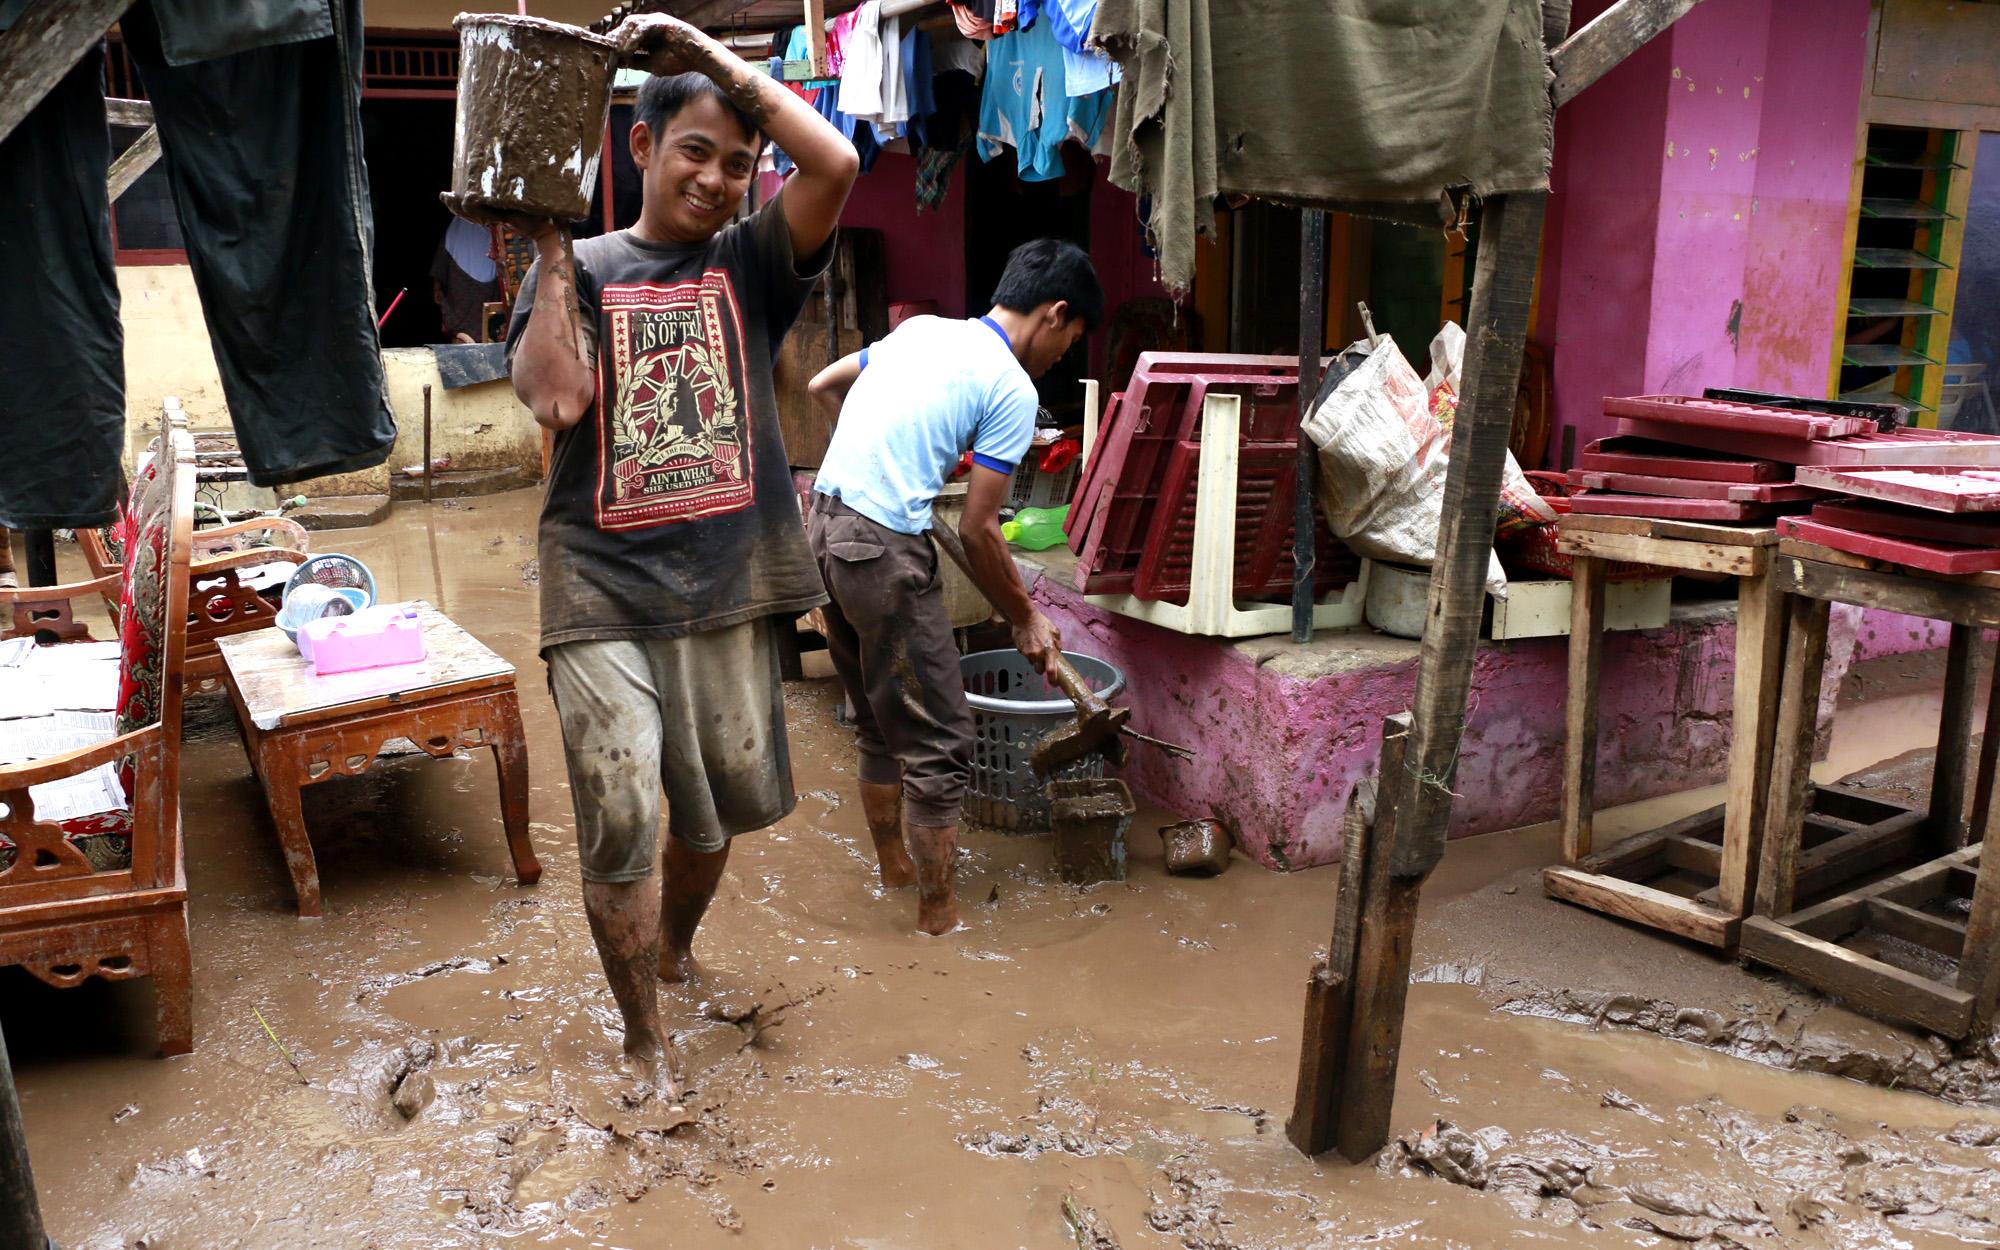 Sejumlah warga saling bahu membahu membersihkan lumpur sisa dari banjir setinggi dua meter yang merendam ratusan rumah warga di Telukbetung. (Lampungnews/El Shinta)